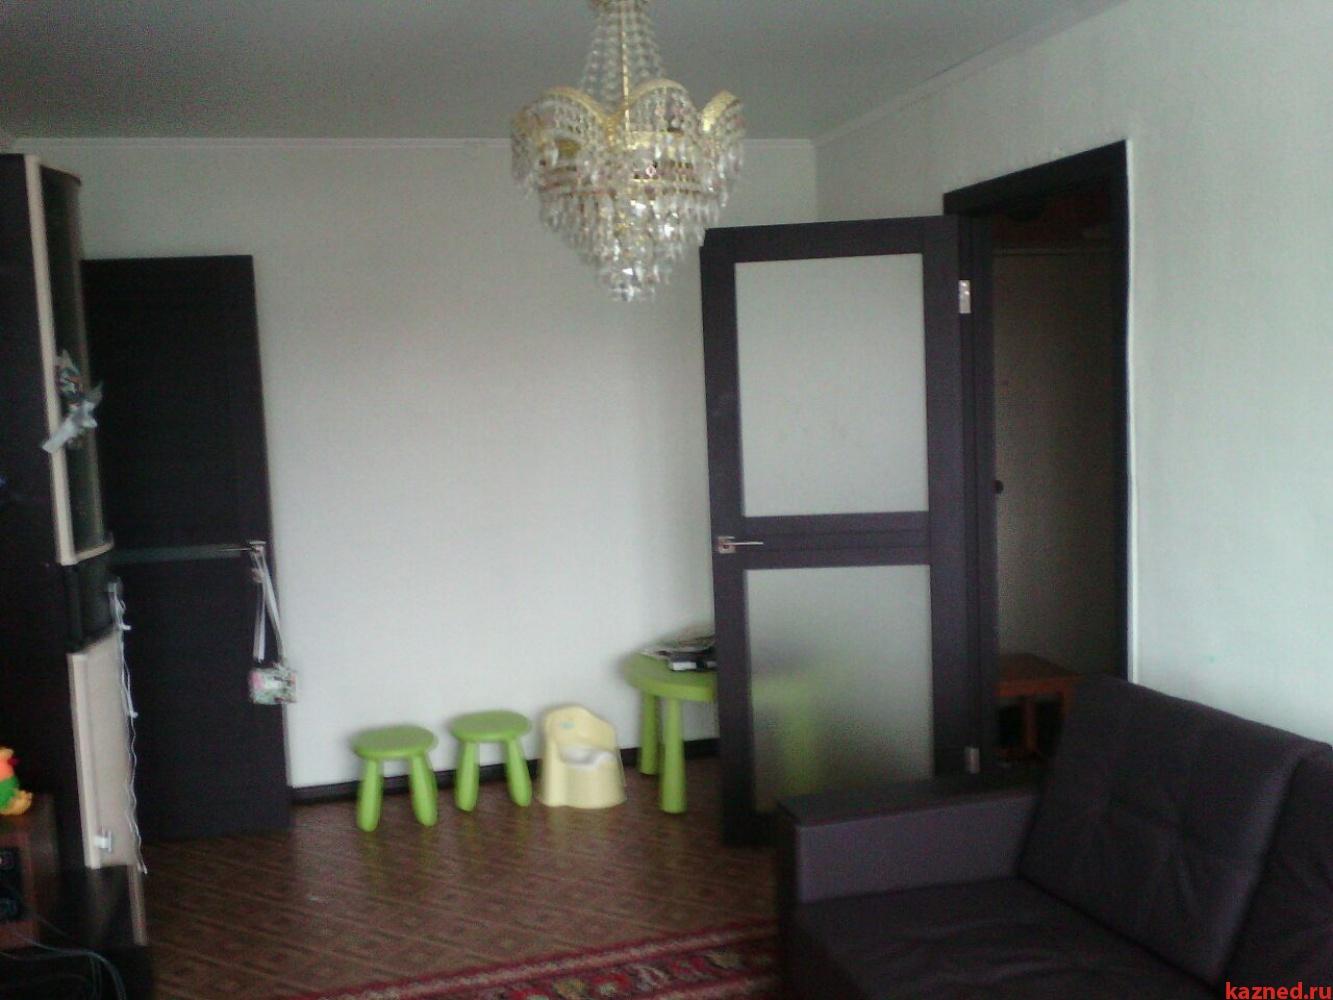 2 комнатная квартира на 5/5 кирпичного дома Горьковское шоссе,12 (миниатюра №2)